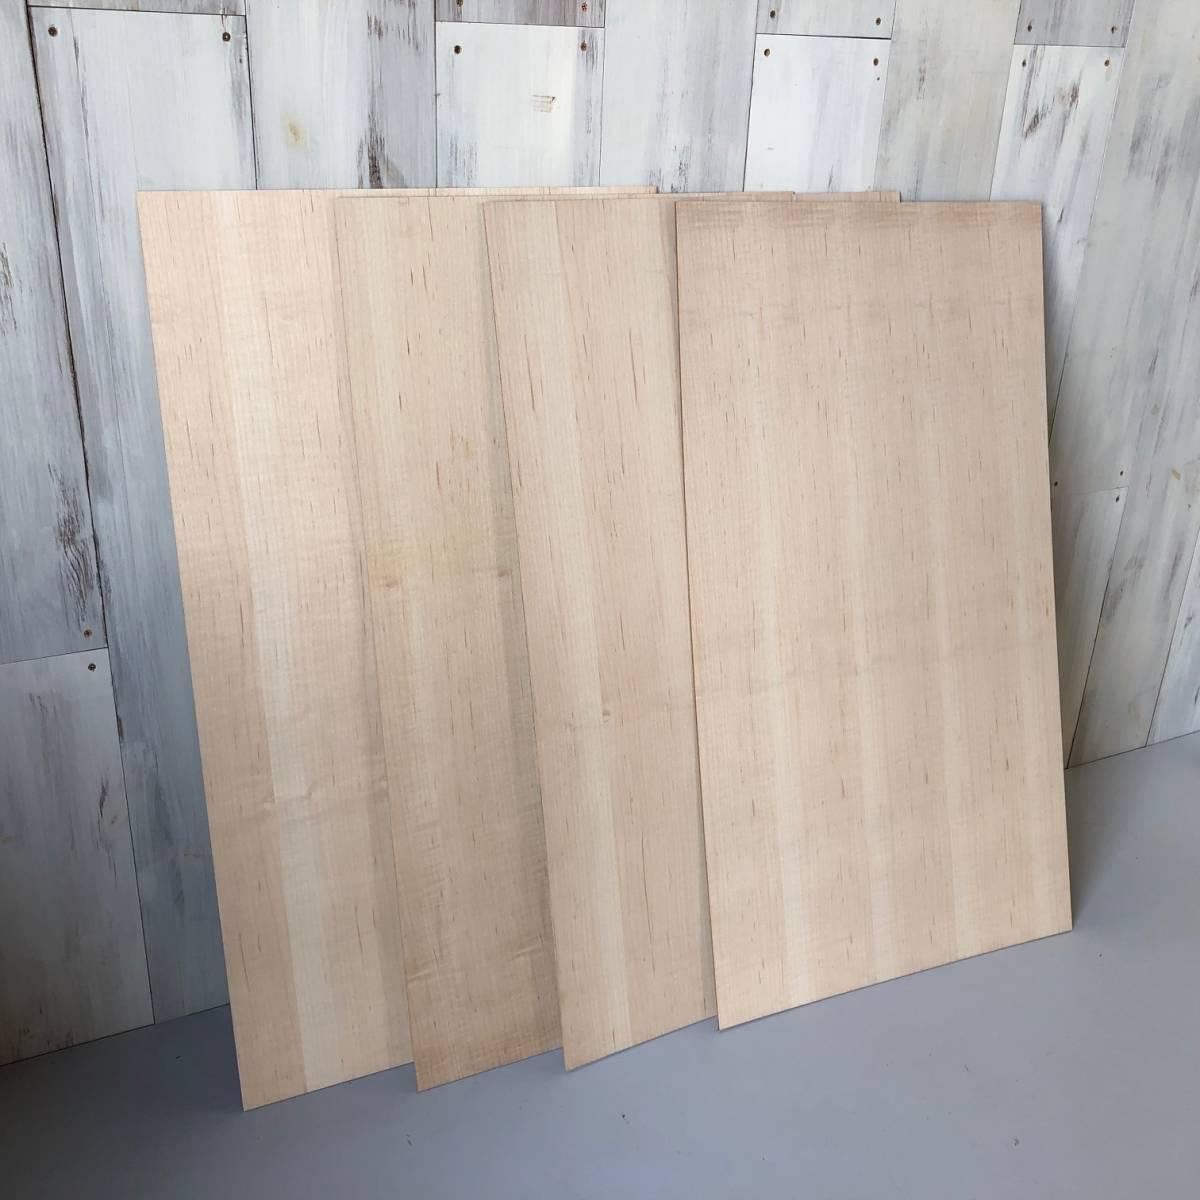 天然木ツキ板化粧合板 突板 ハードメープル 柾目 2.5mm厚 幅約450mm 長さ約800mm 4枚セット DIY 日曜大工 木工 アウトレット_画像5